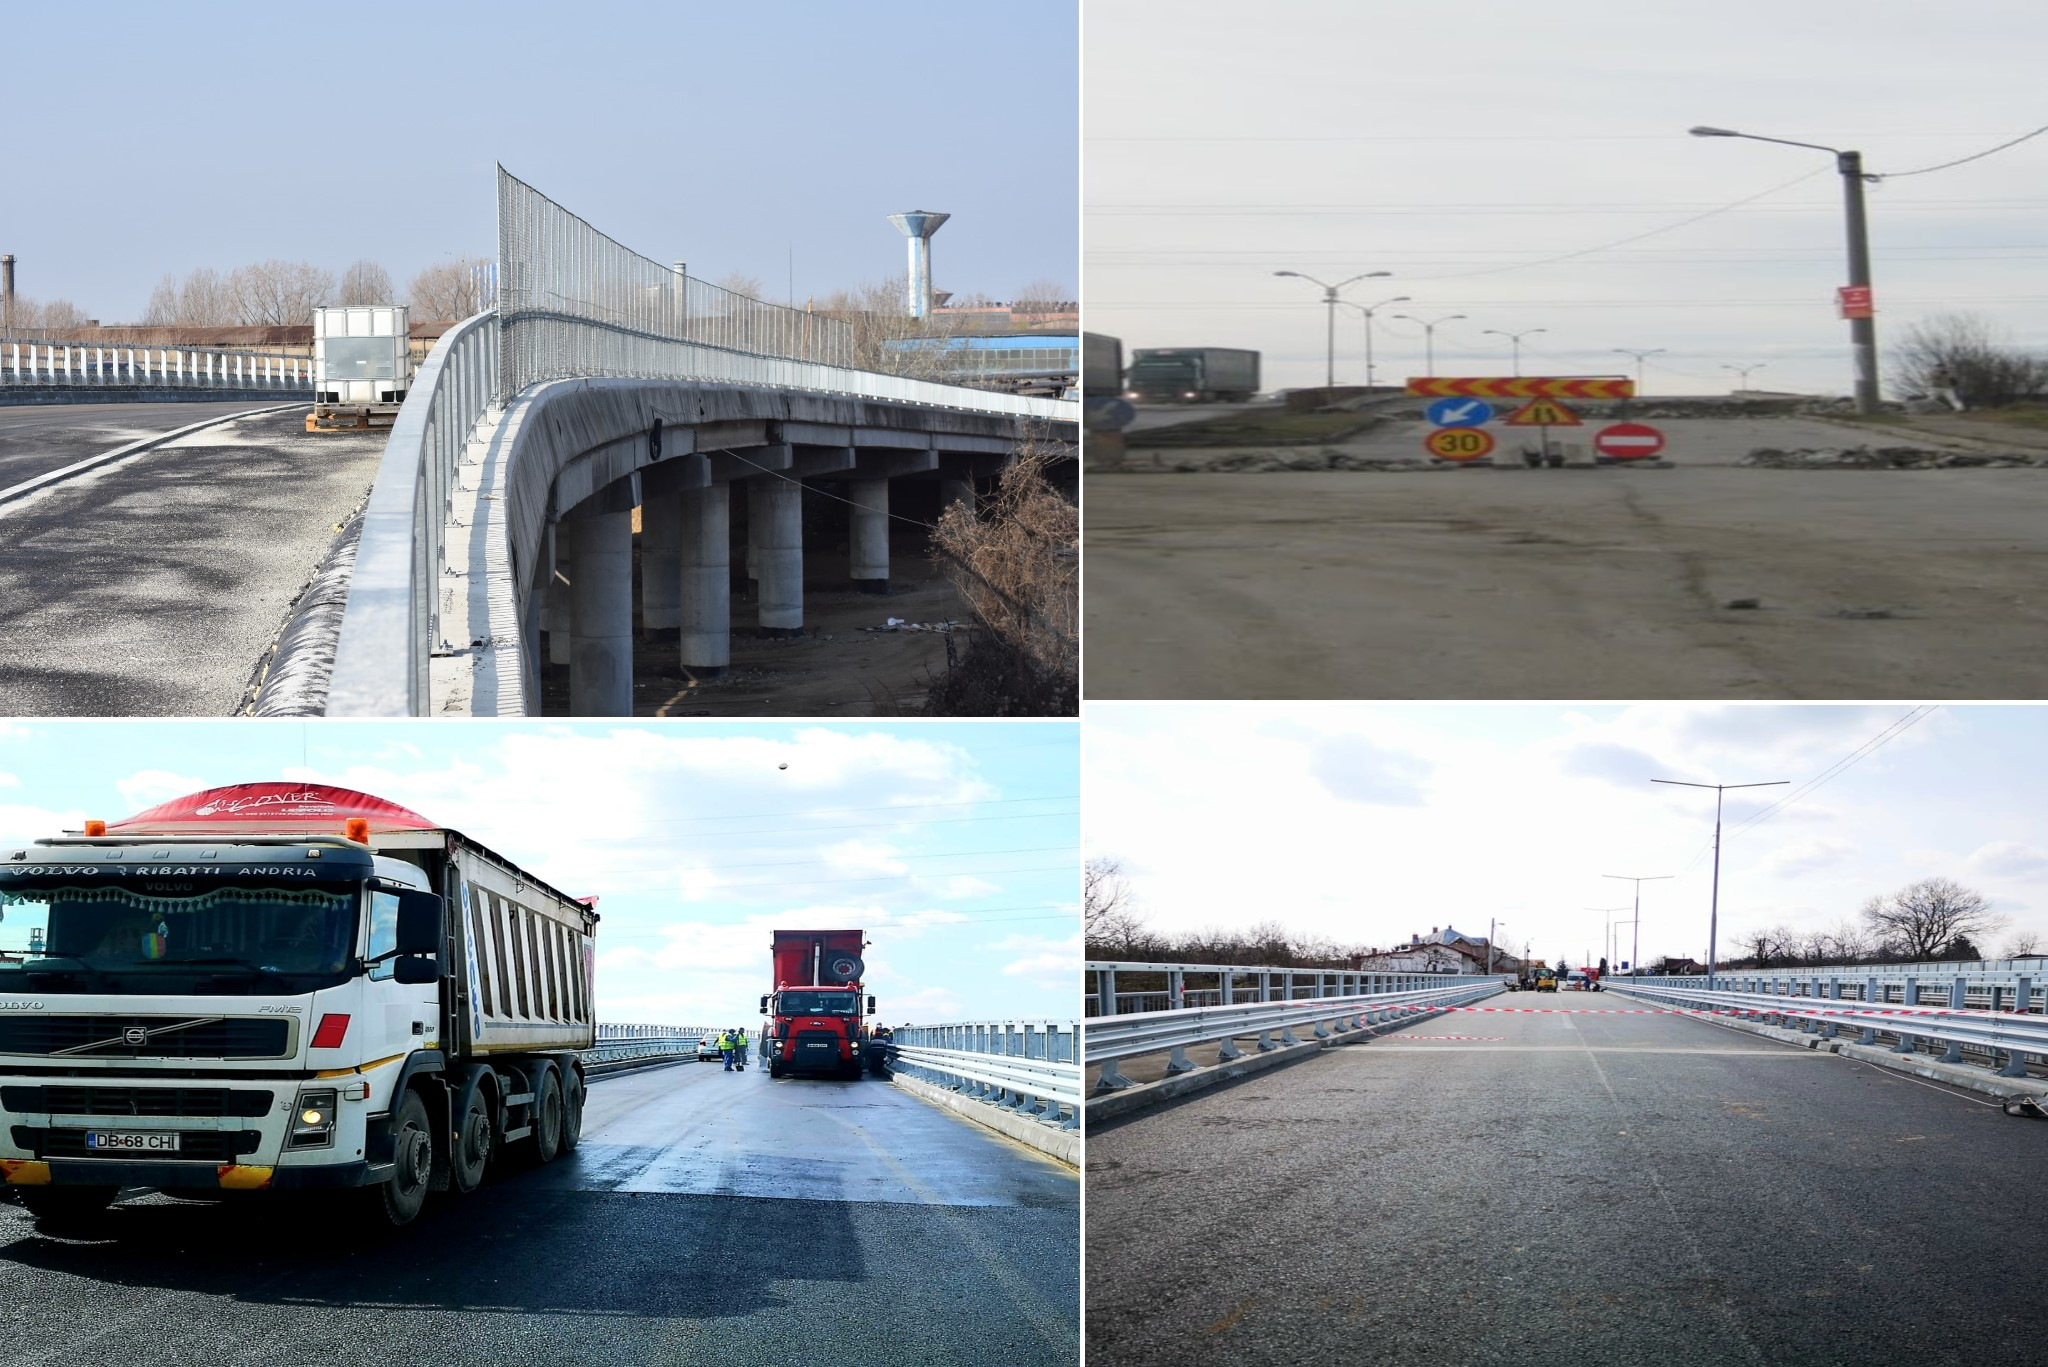 (Update) CJ Dâmbovița salvează proiectul de reabilitare a Centurii Târgoviște? 10 milioane de lei în plus pentru proiect